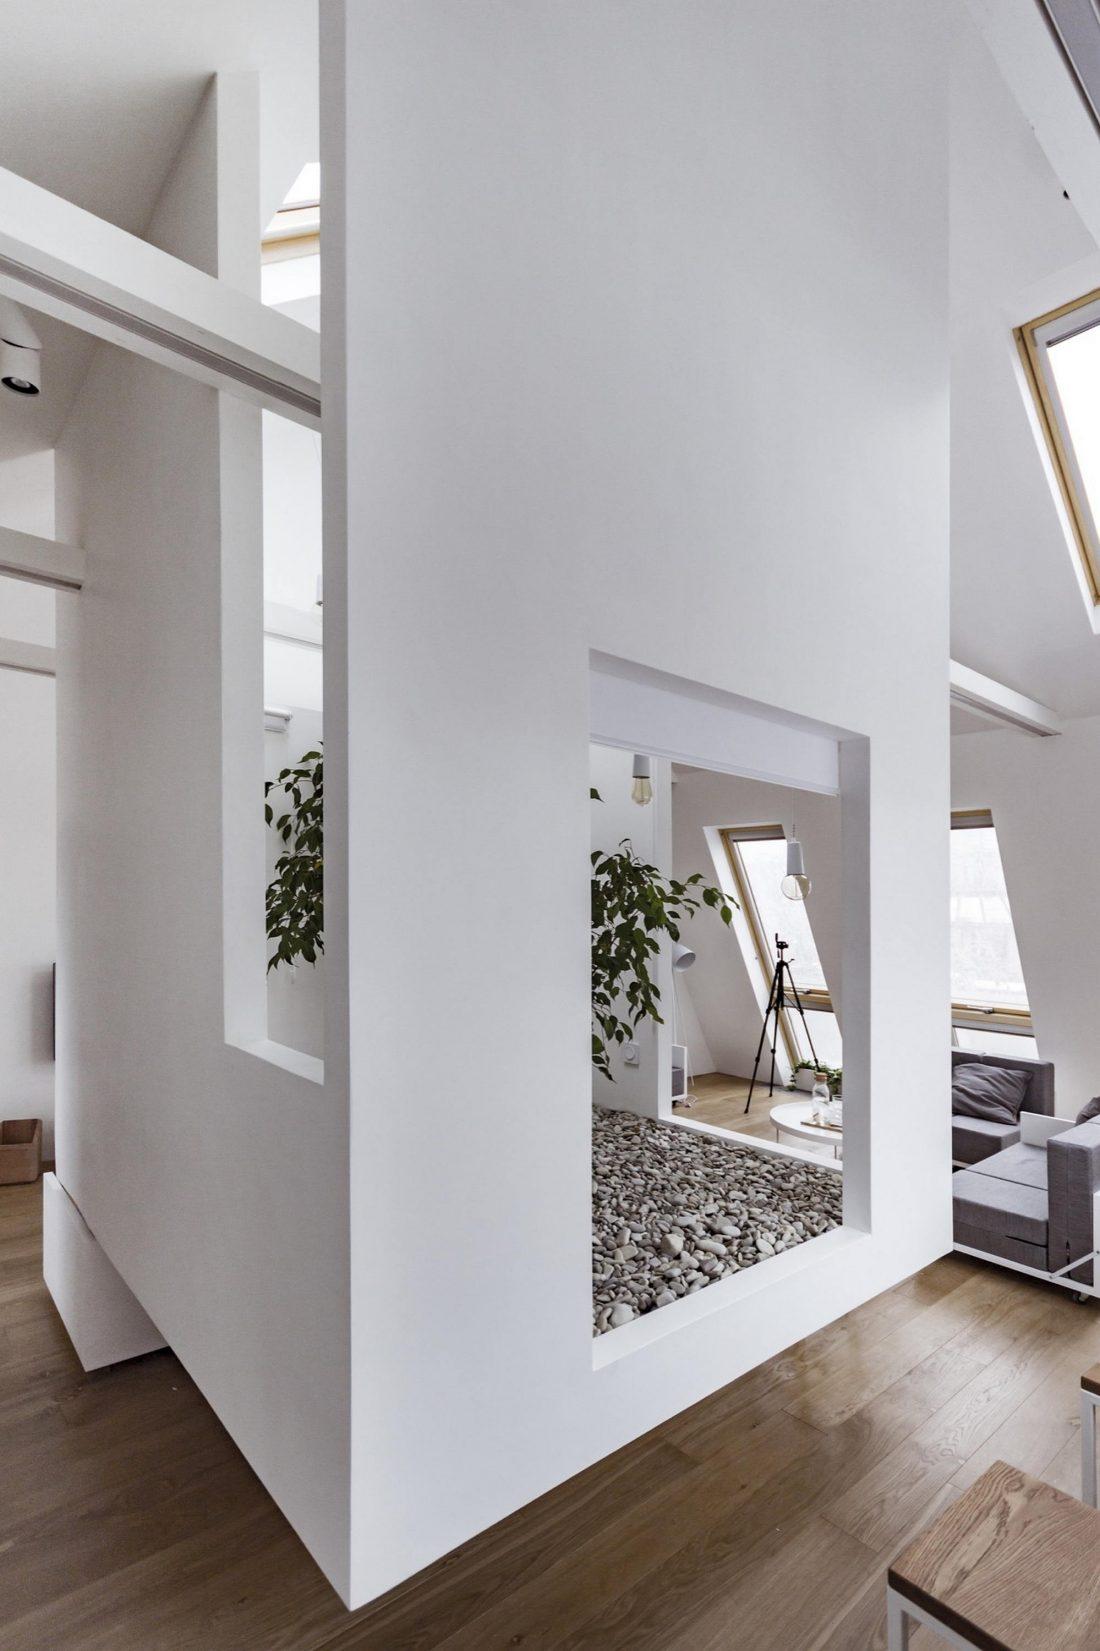 Проект мансардной квартиры от студии Ruetemple в Москве 9